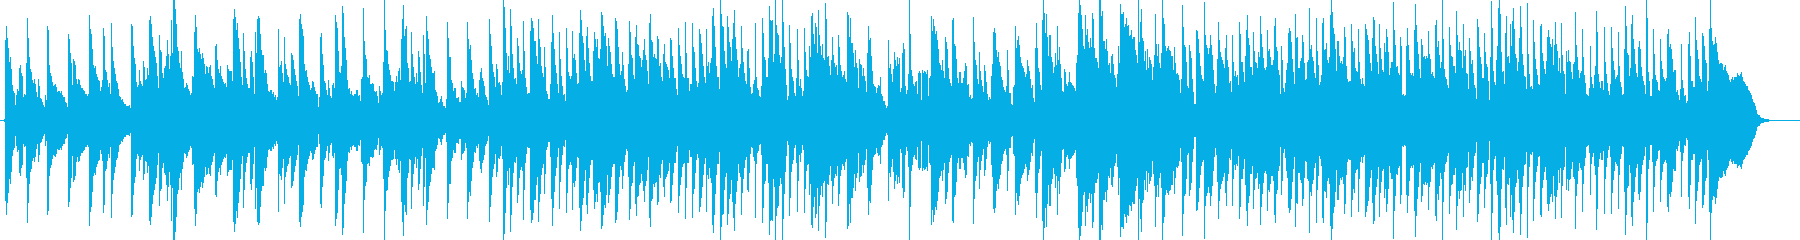 夏の予感に胸躍るおしゃれなジャズワルツの再生済みの波形